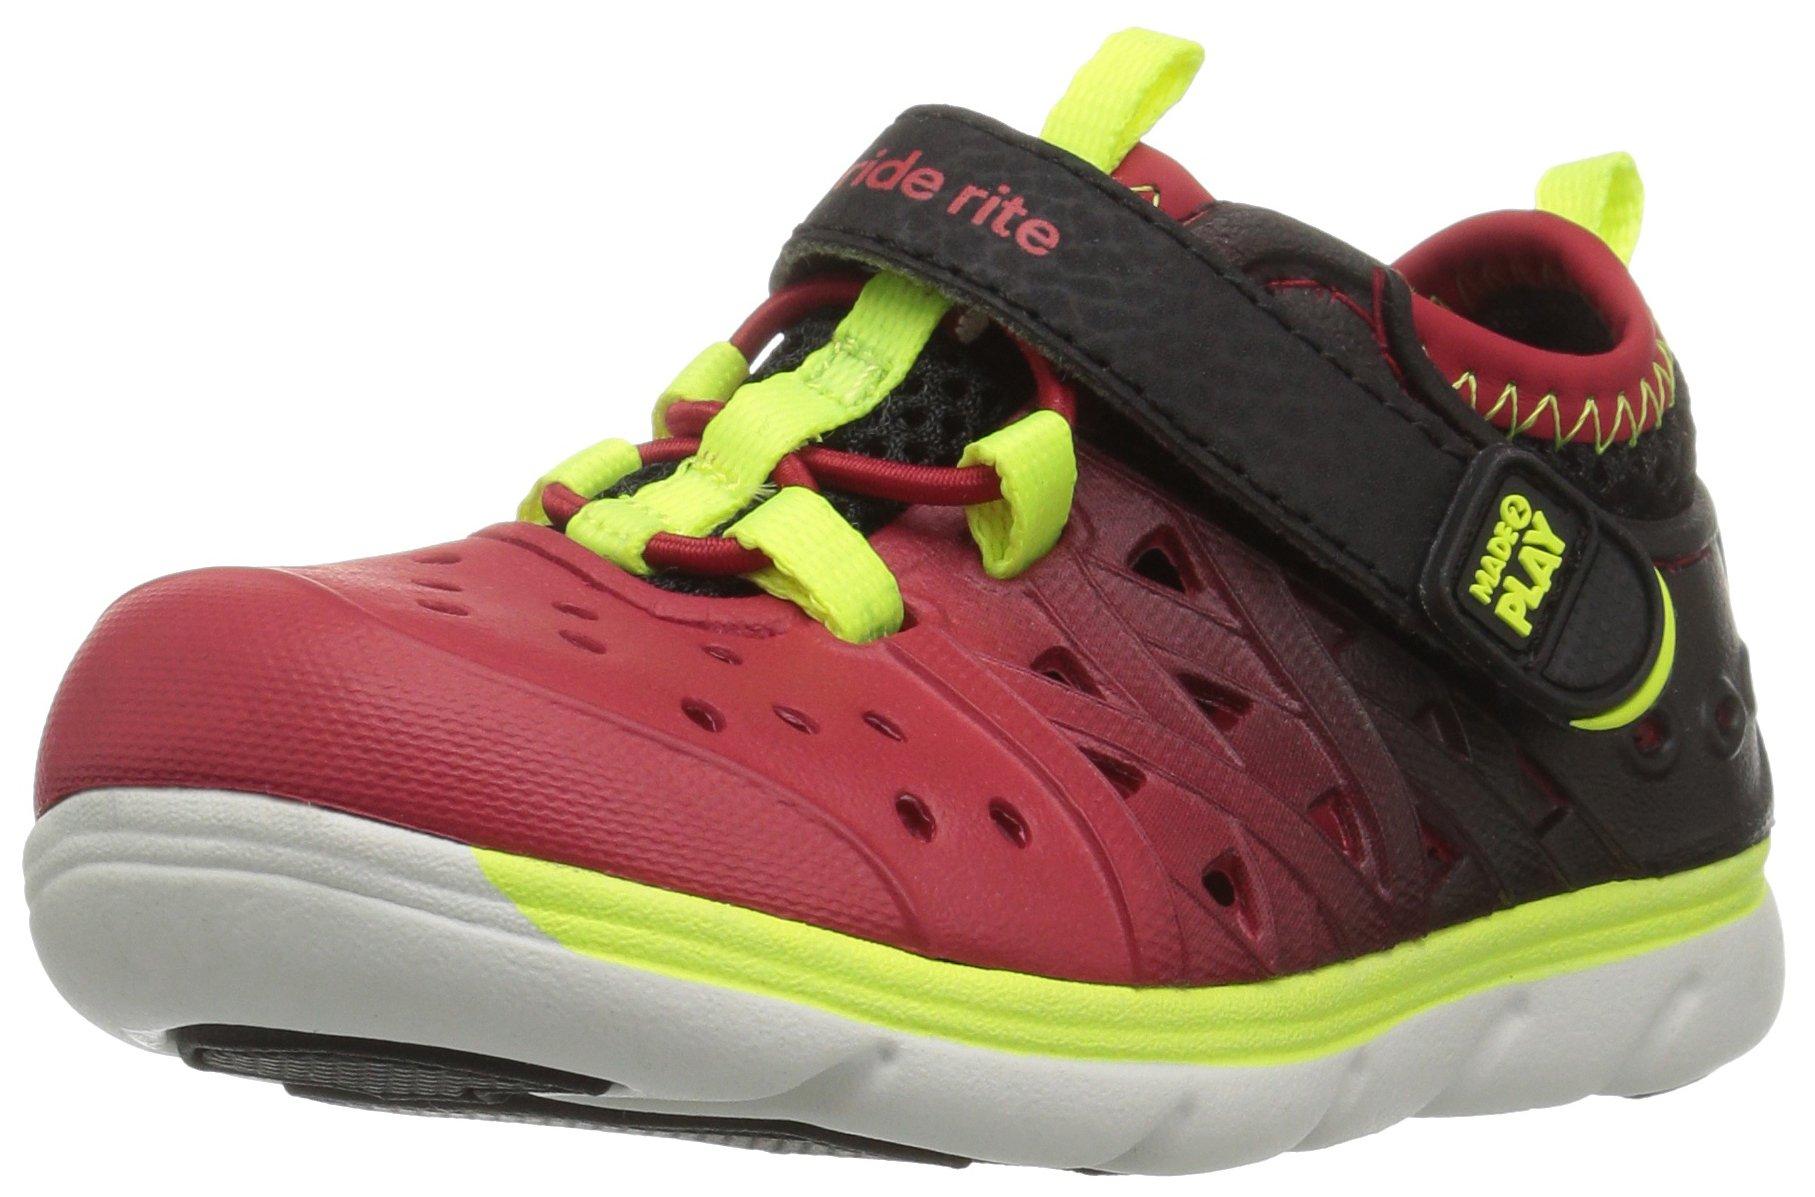 Stride Rite Made 2 Play Phibian Sneaker Sandal Water Shoe (Toddler/Little Kid/Big Kid), Black/Red, 8 M US Toddler